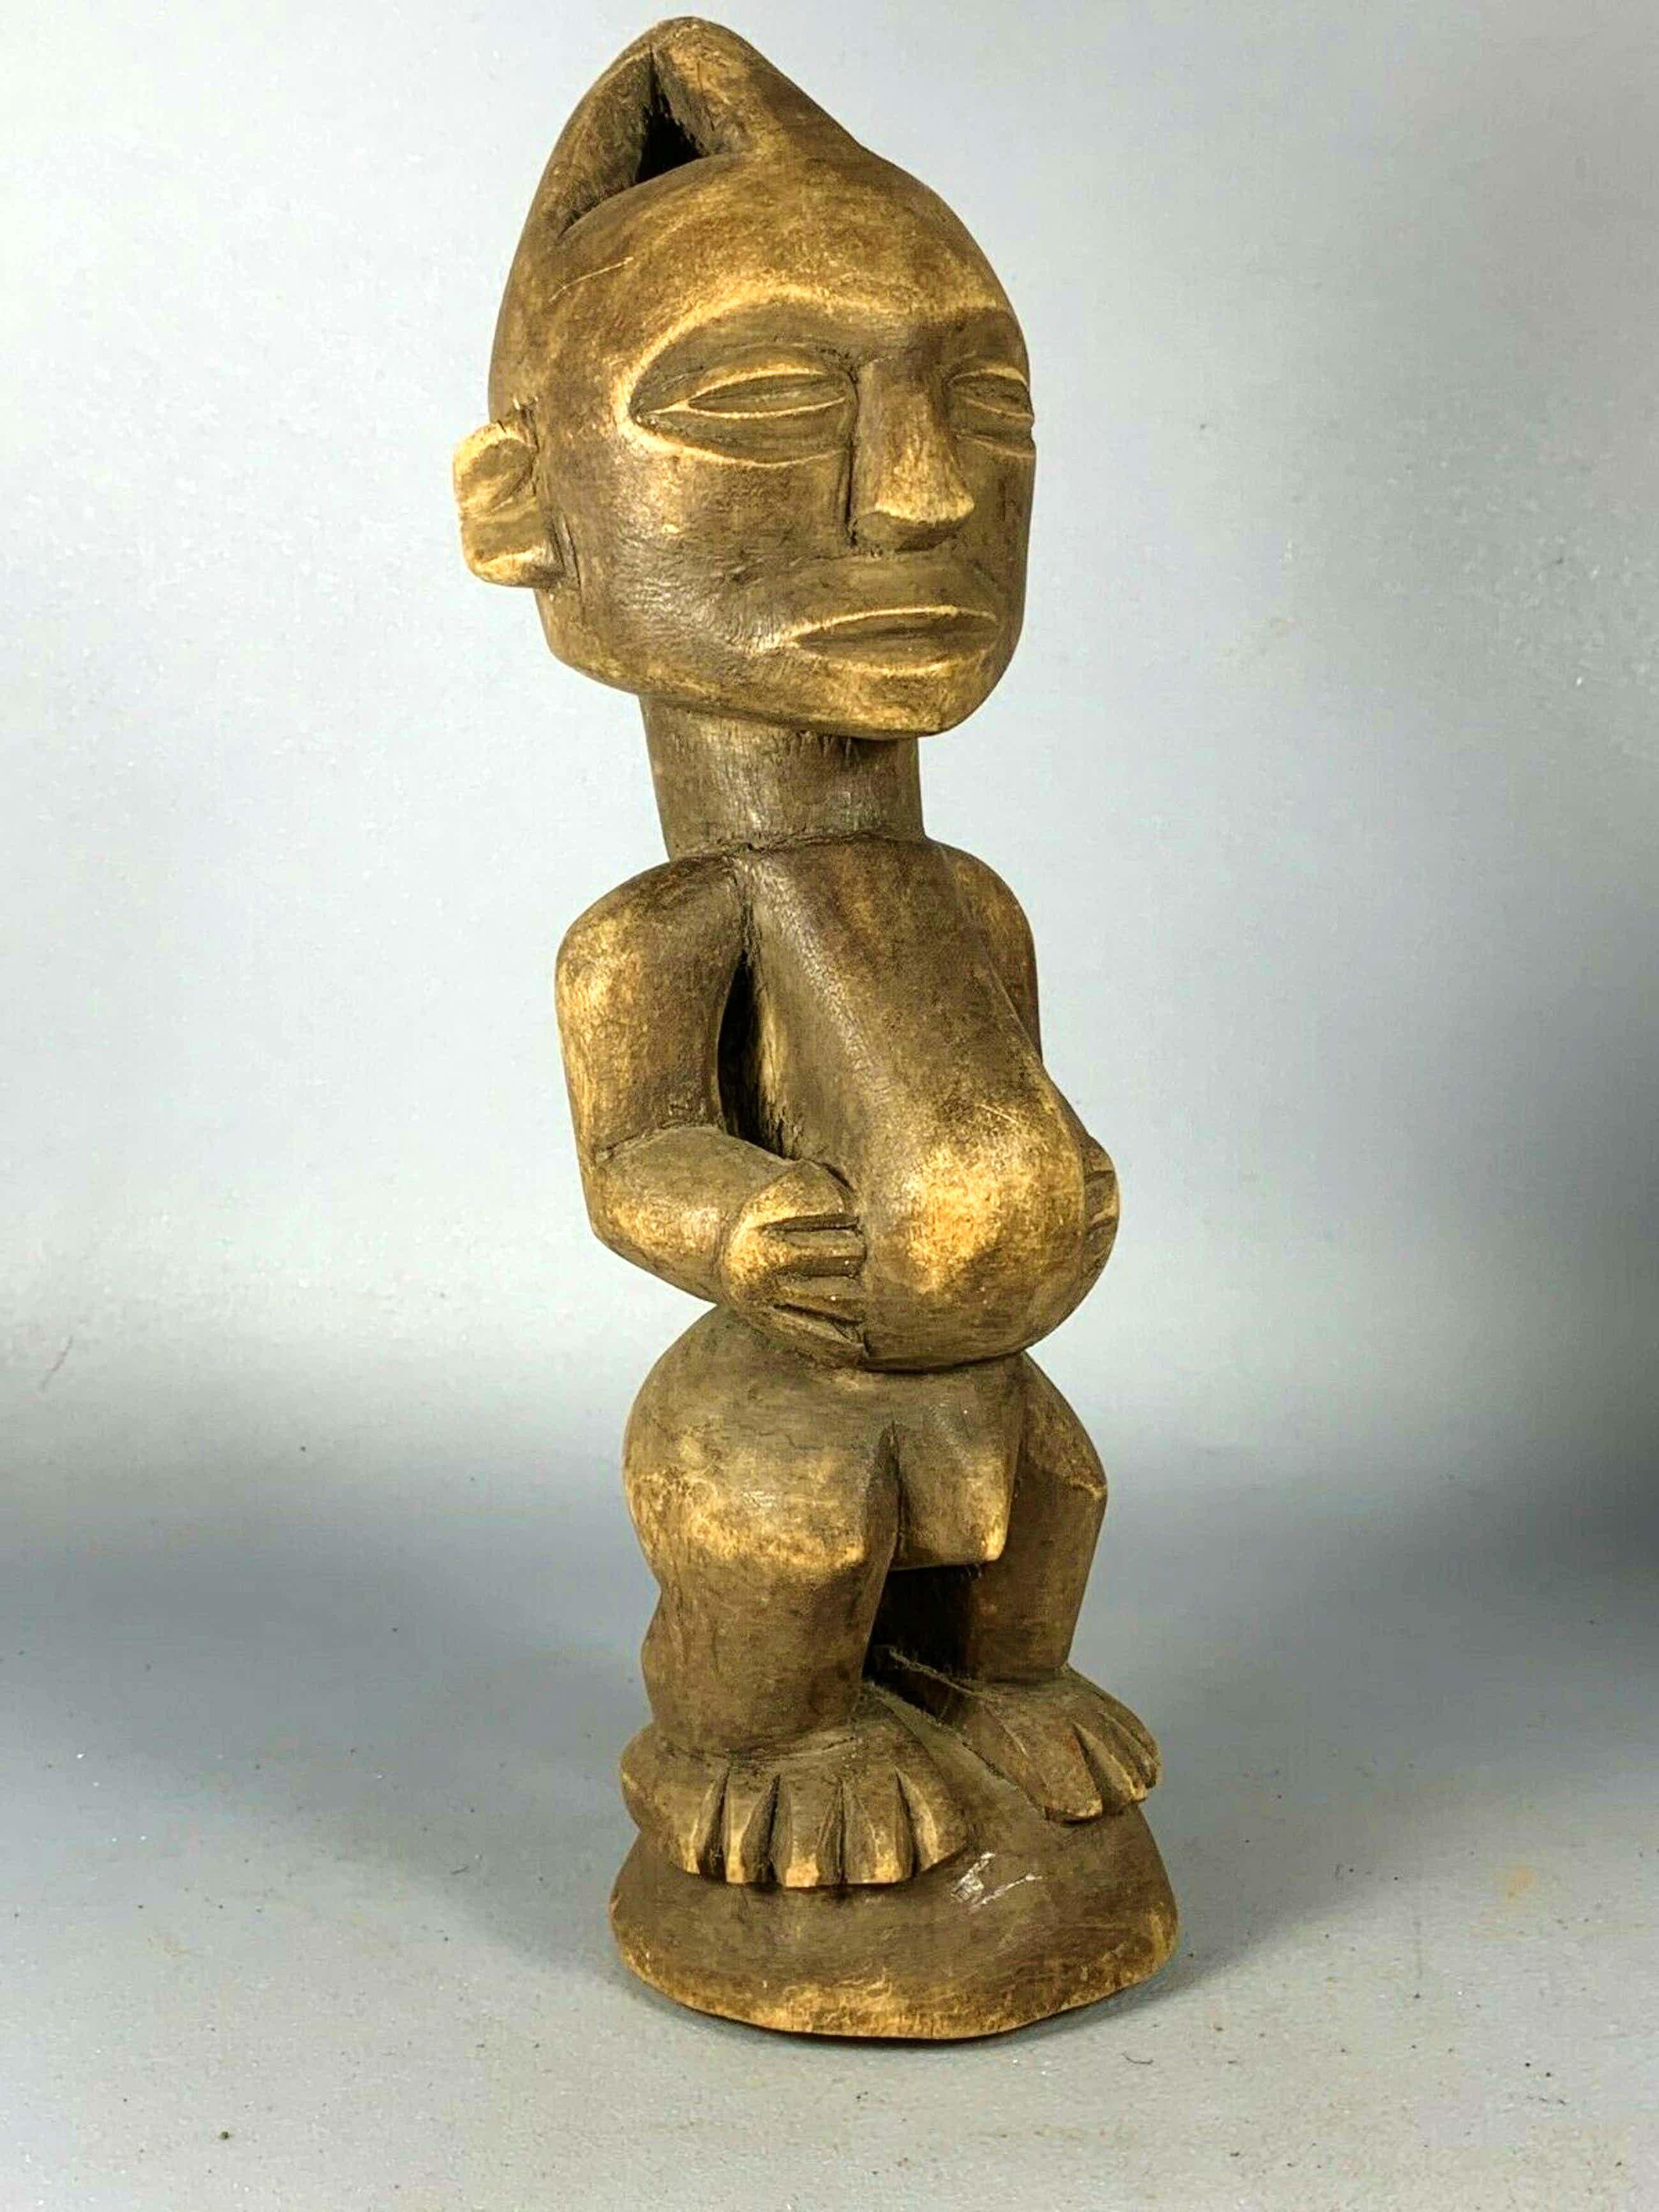 Luba - 200966 - Tribal used African wooden Luba statue - Congo. kopen? Bied vanaf 45!